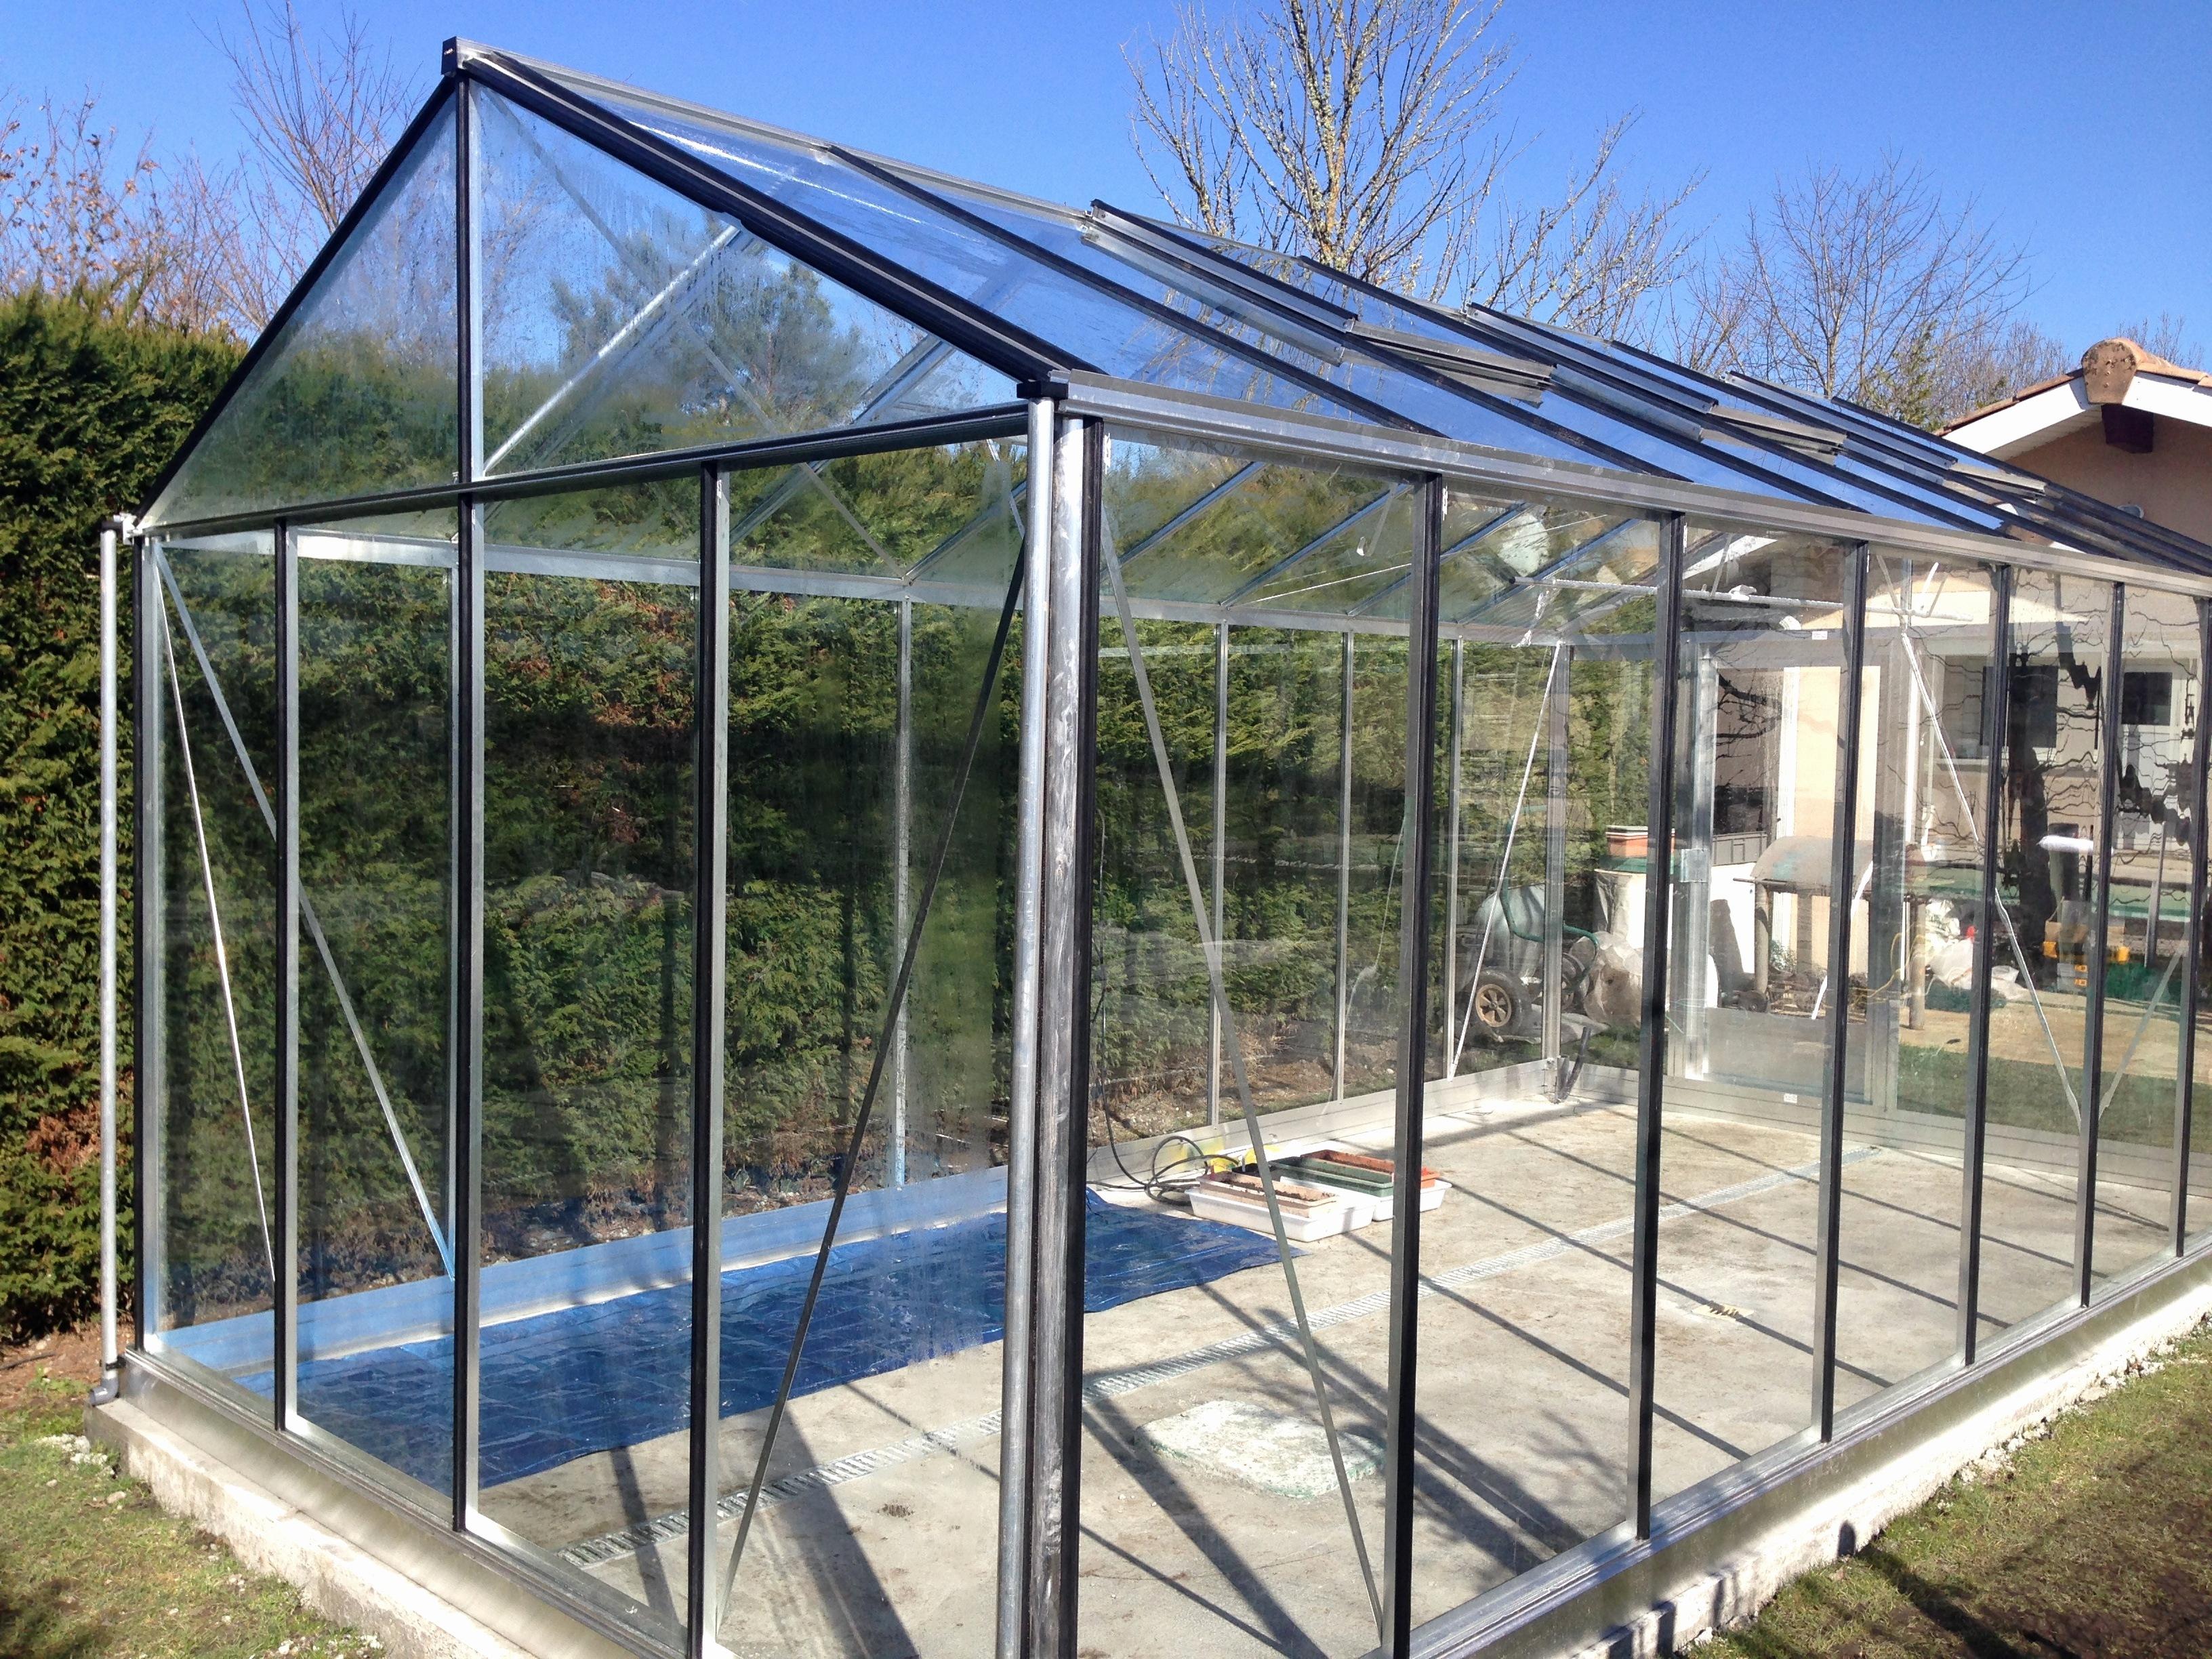 Fabriquer Serre De Jardin Polycarbonate Meilleur De Collection Les 26 Luxe Fabriquer Serre De Jardin Polycarbonate Graphie